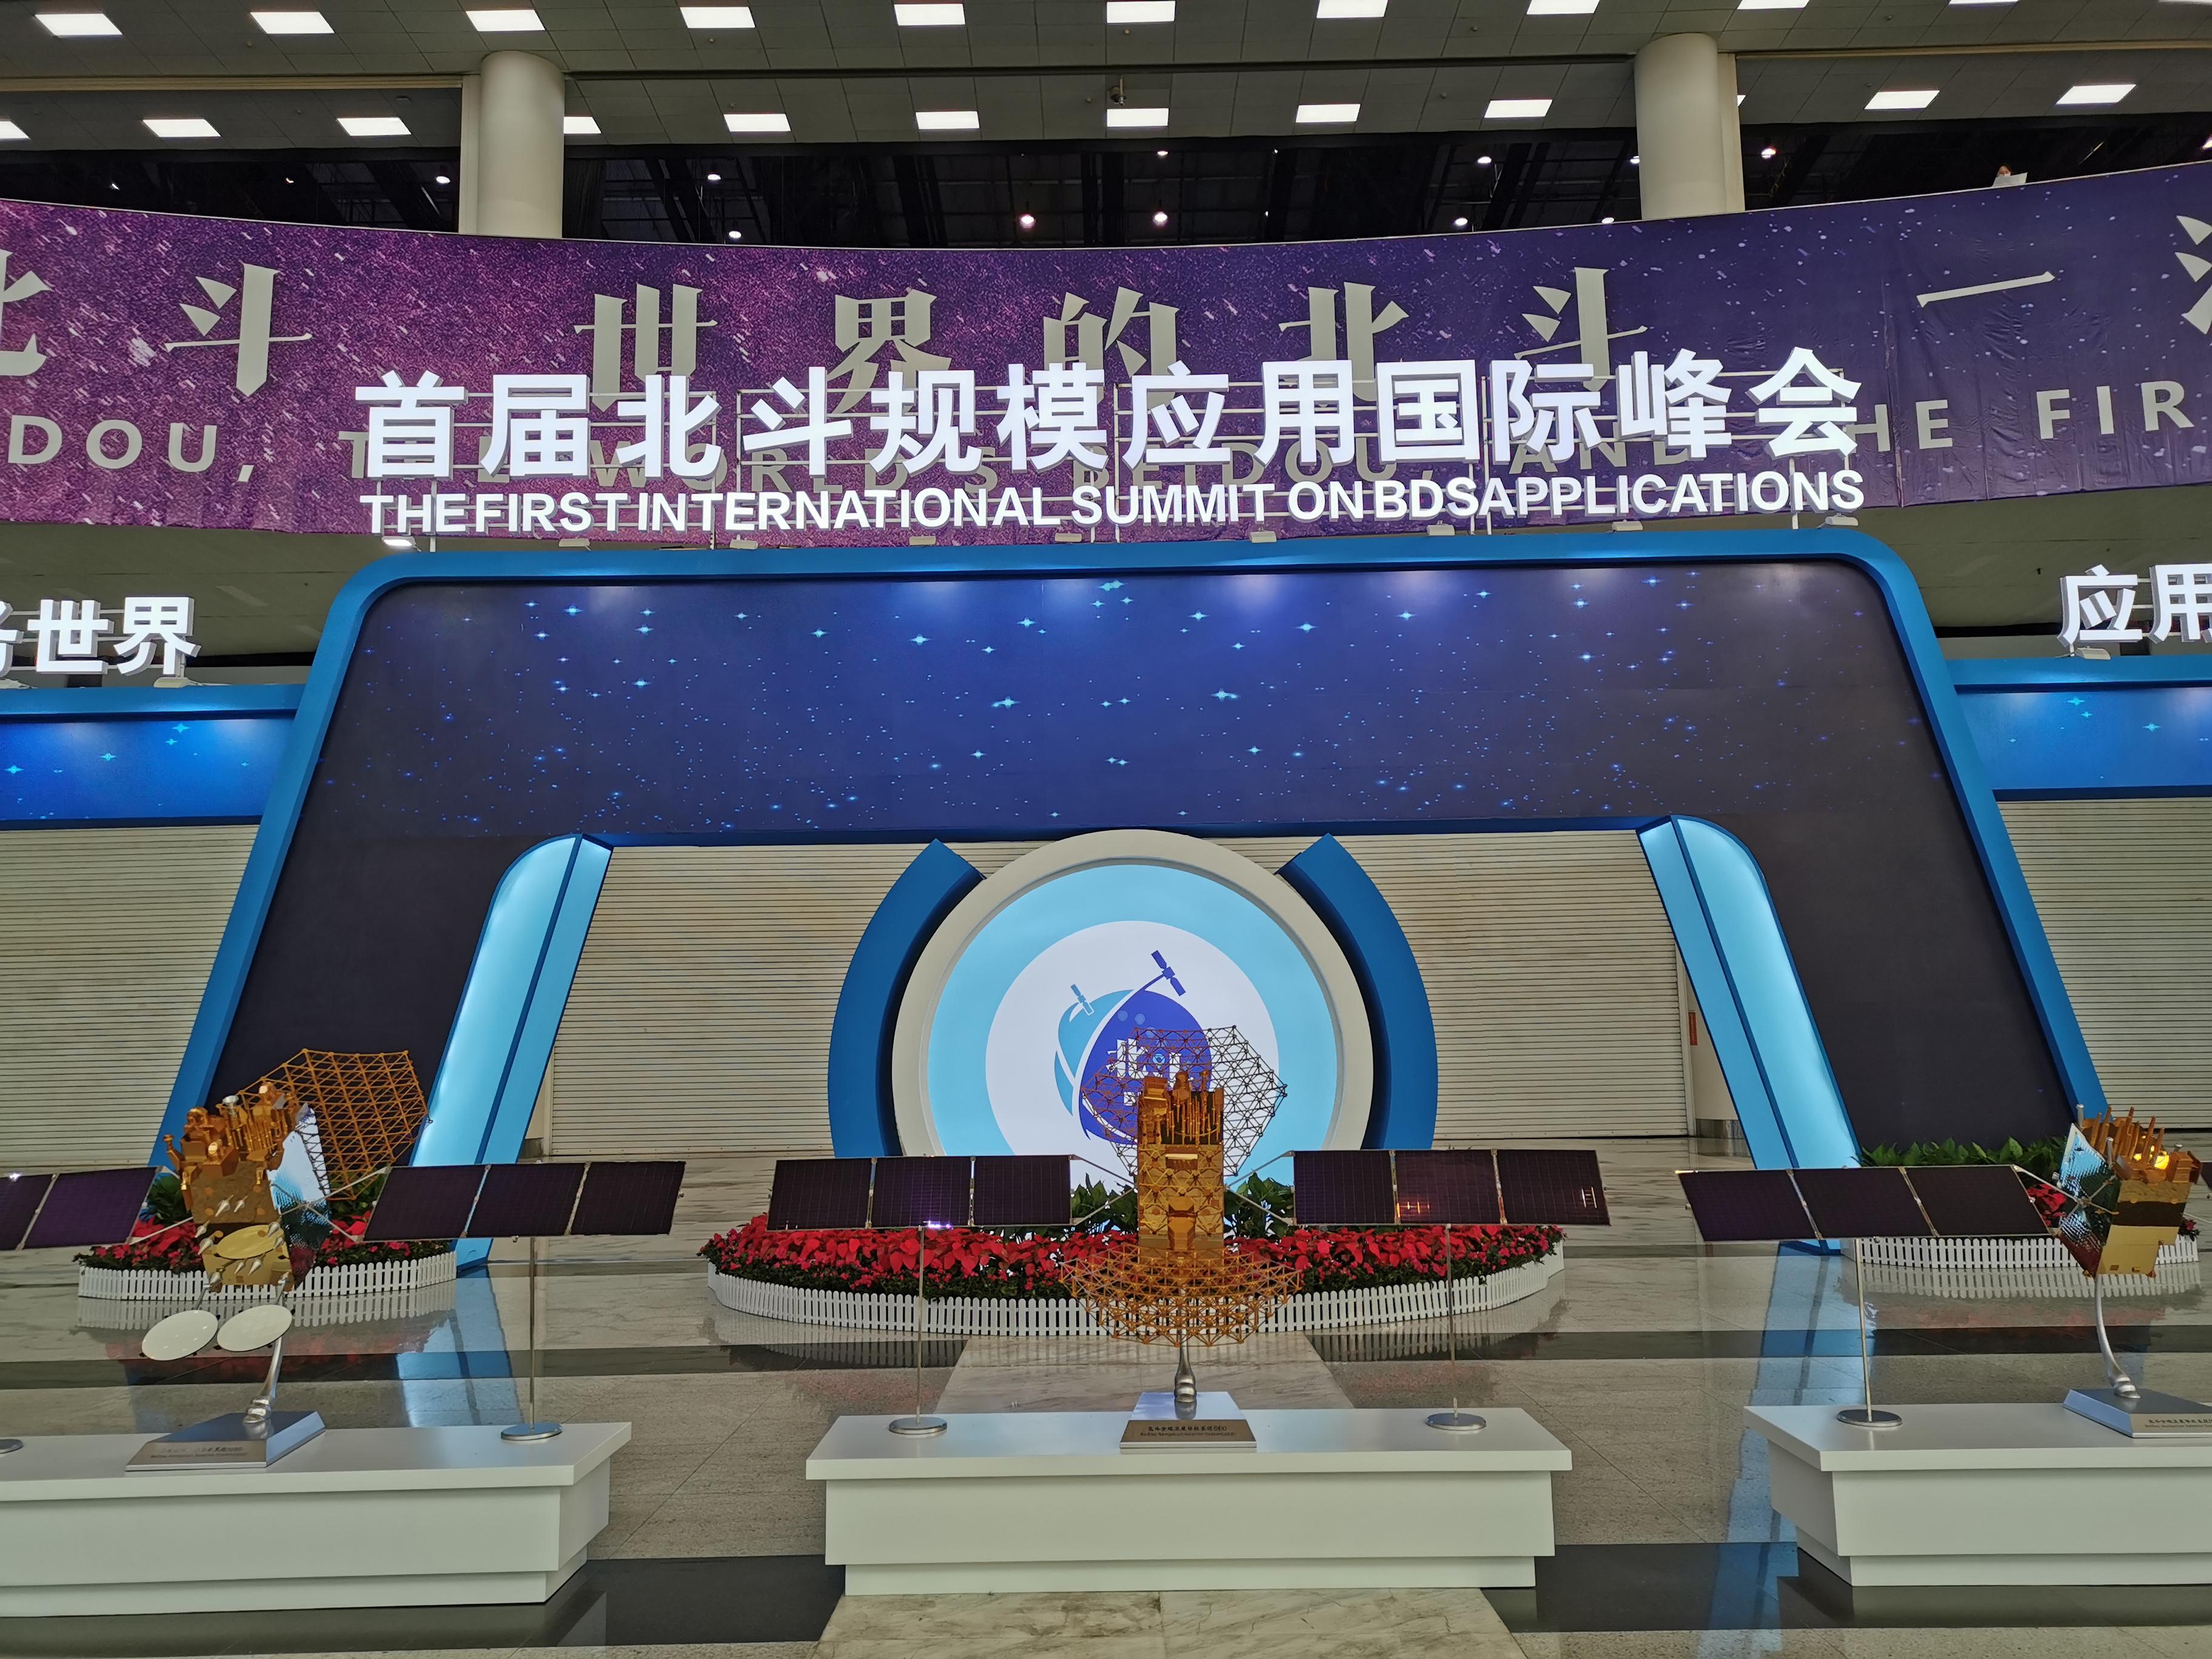 9月16日,首届北斗规模应用国际峰会在湖南省长沙市开幕。